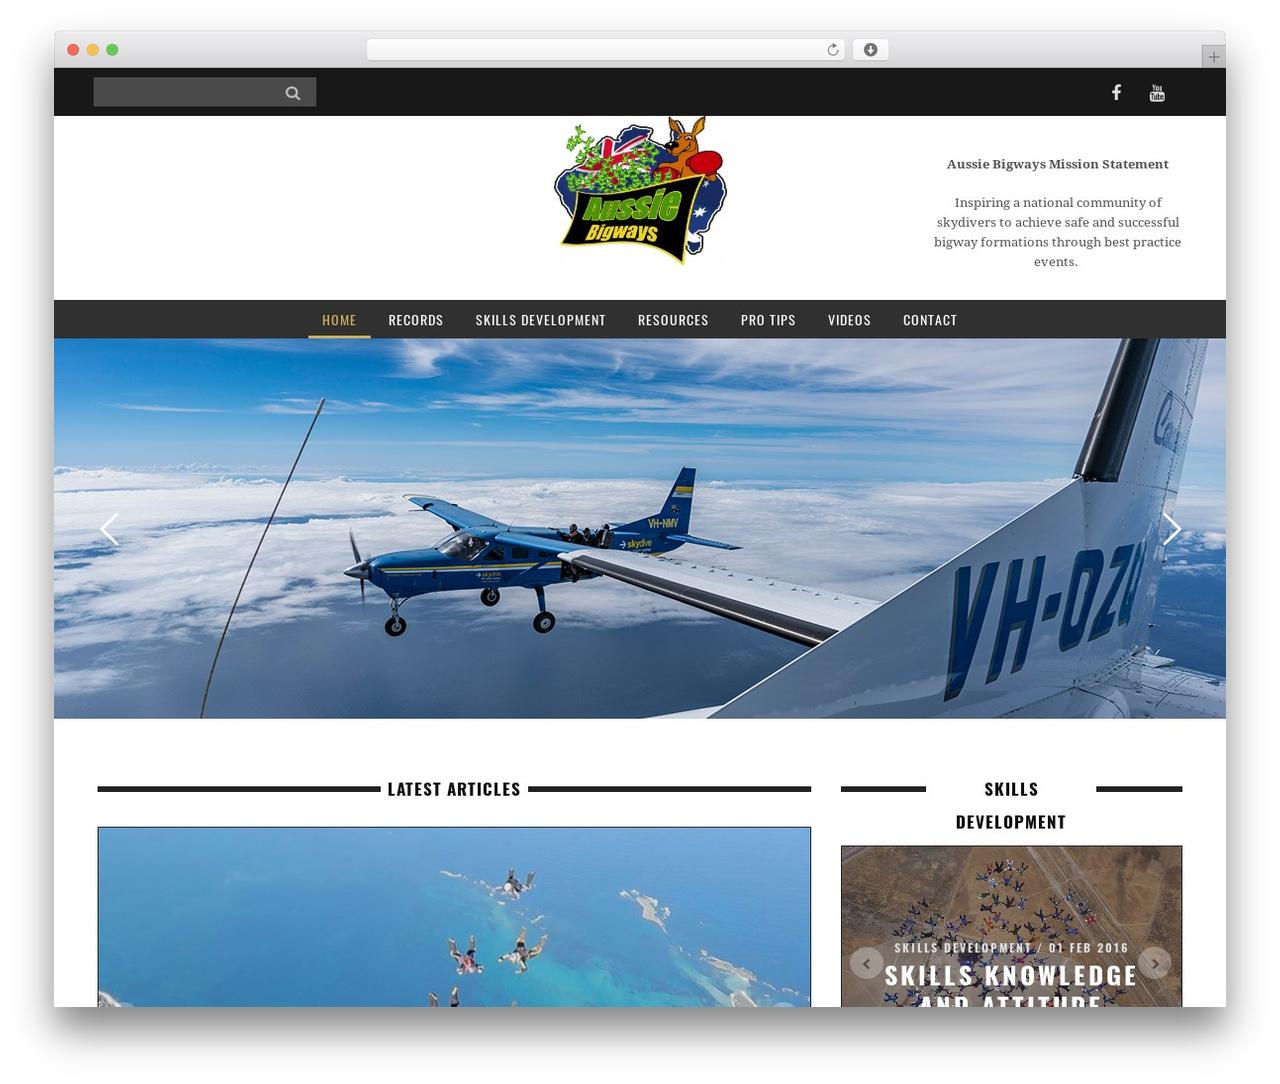 WordPress theme Yorkpress - aussiebigways.com